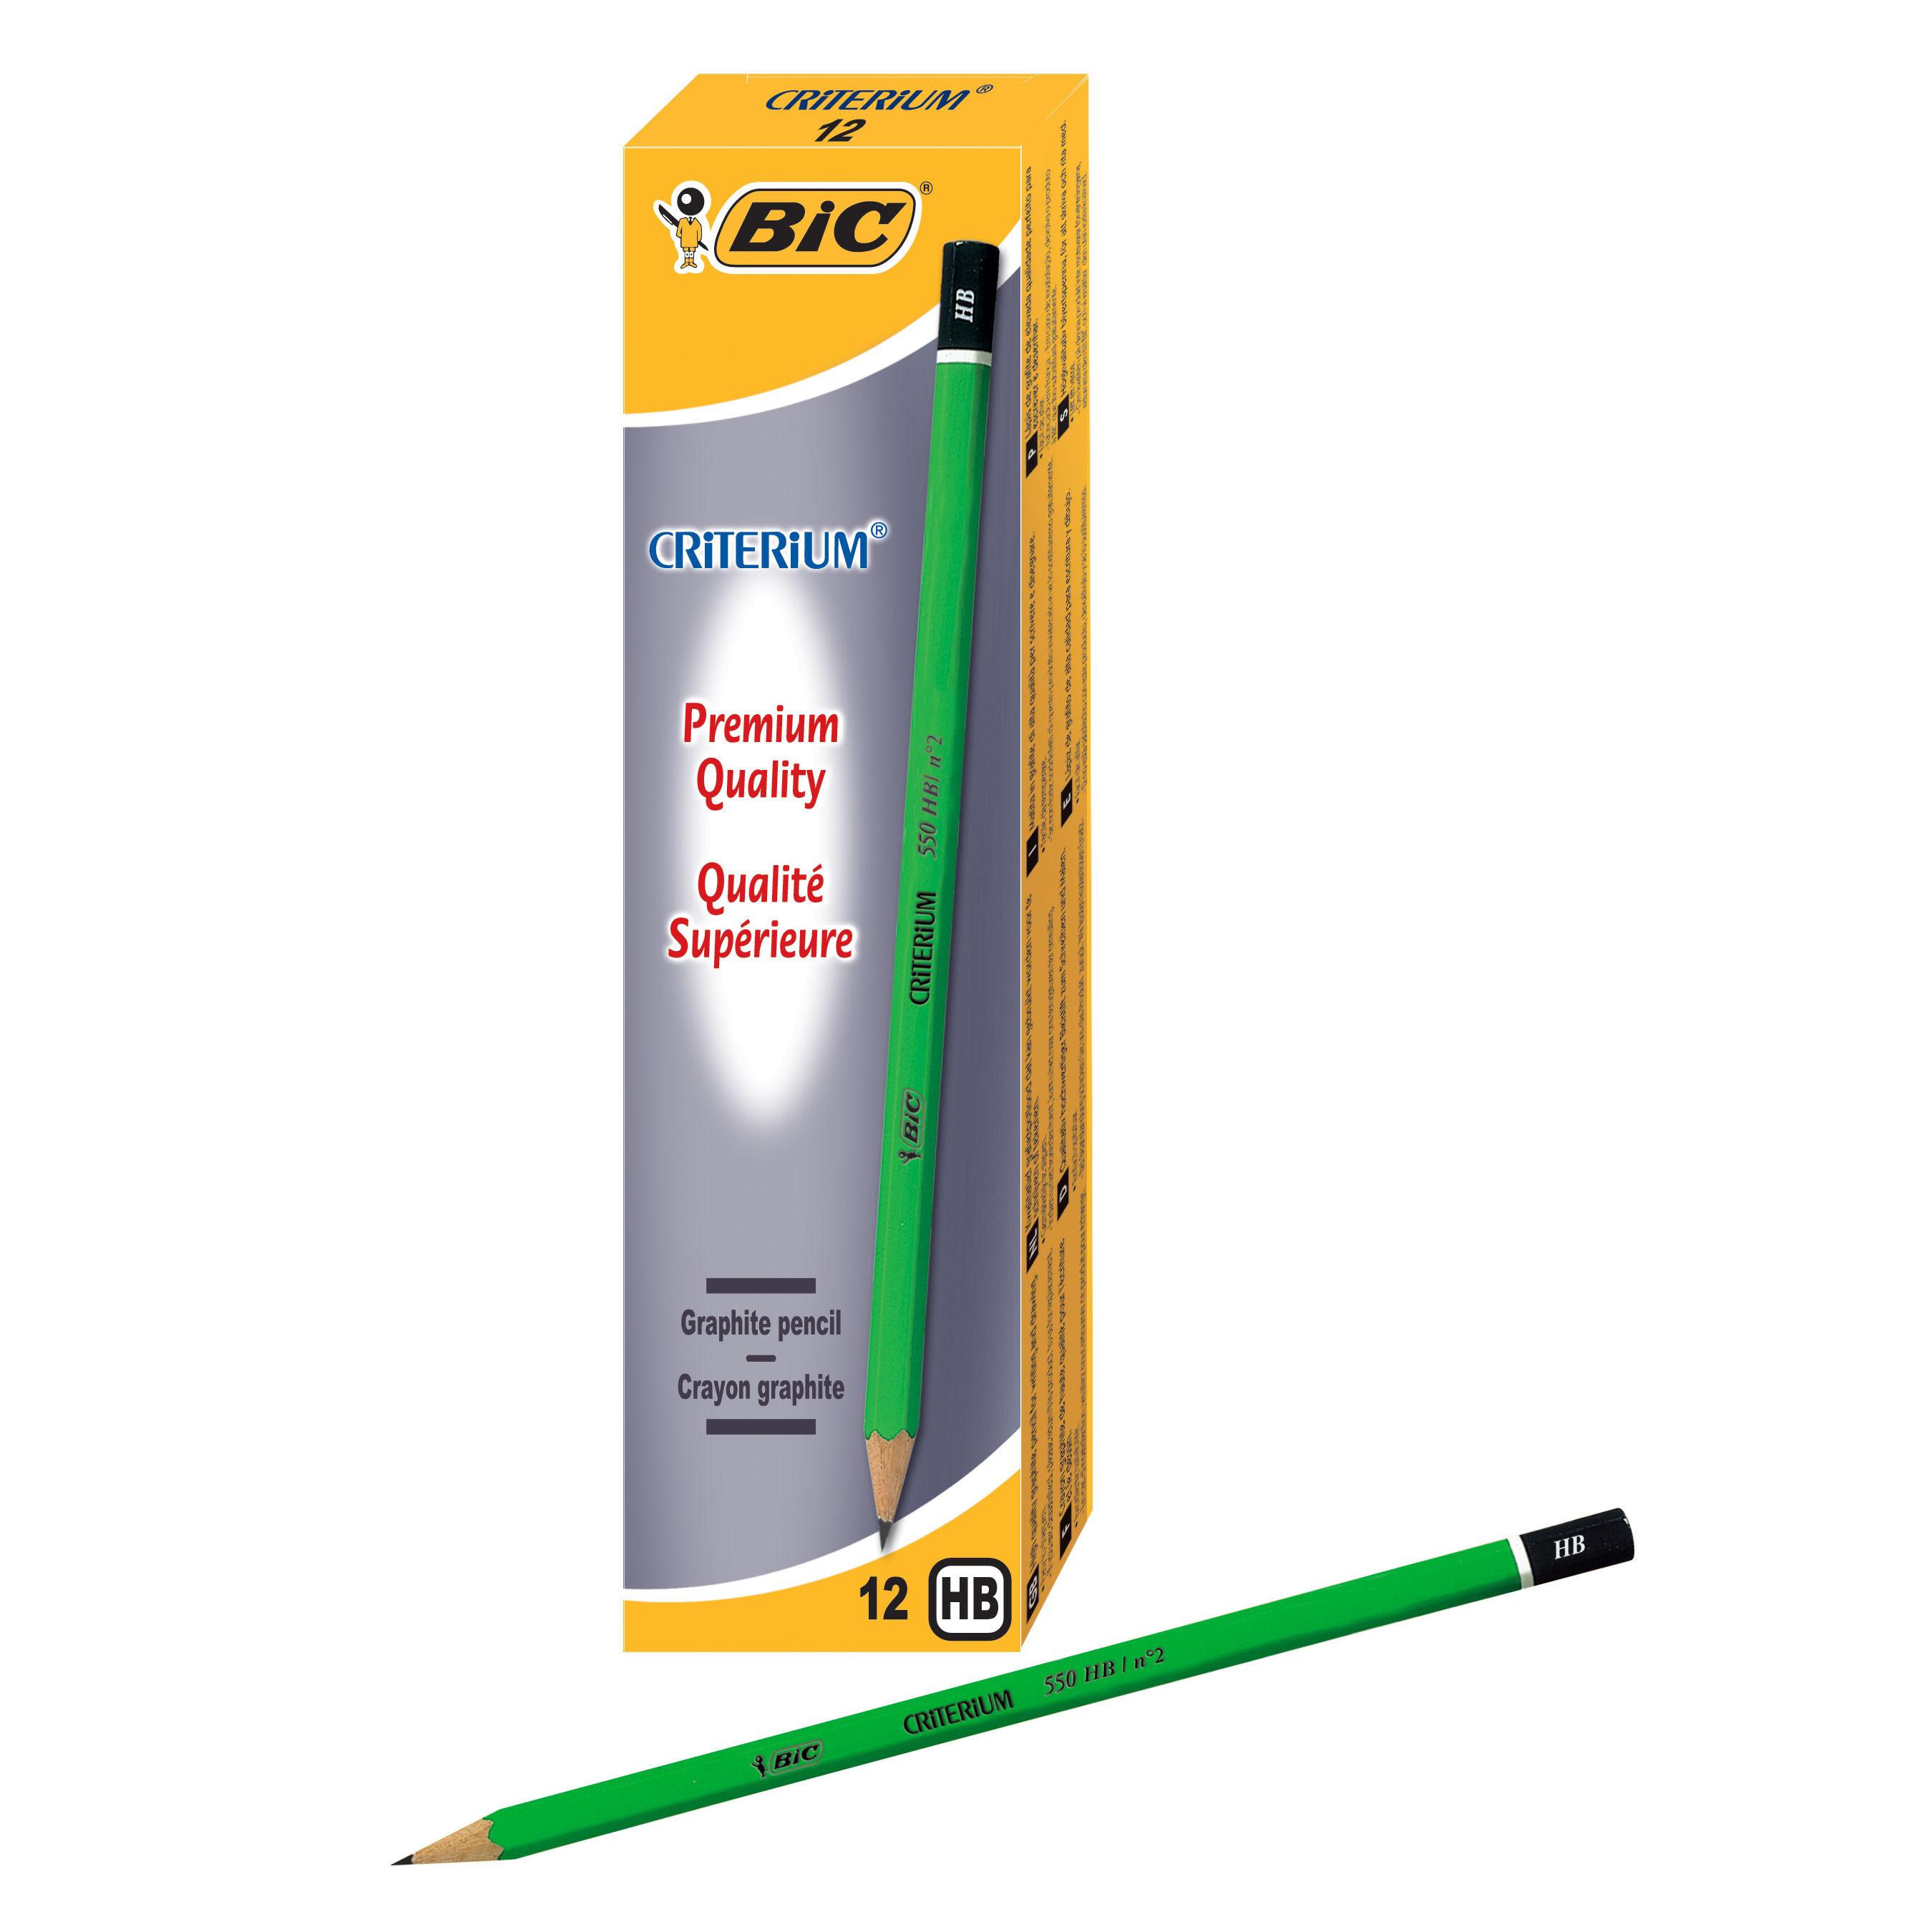 BIC Criterium Pencil HB (12) 857595